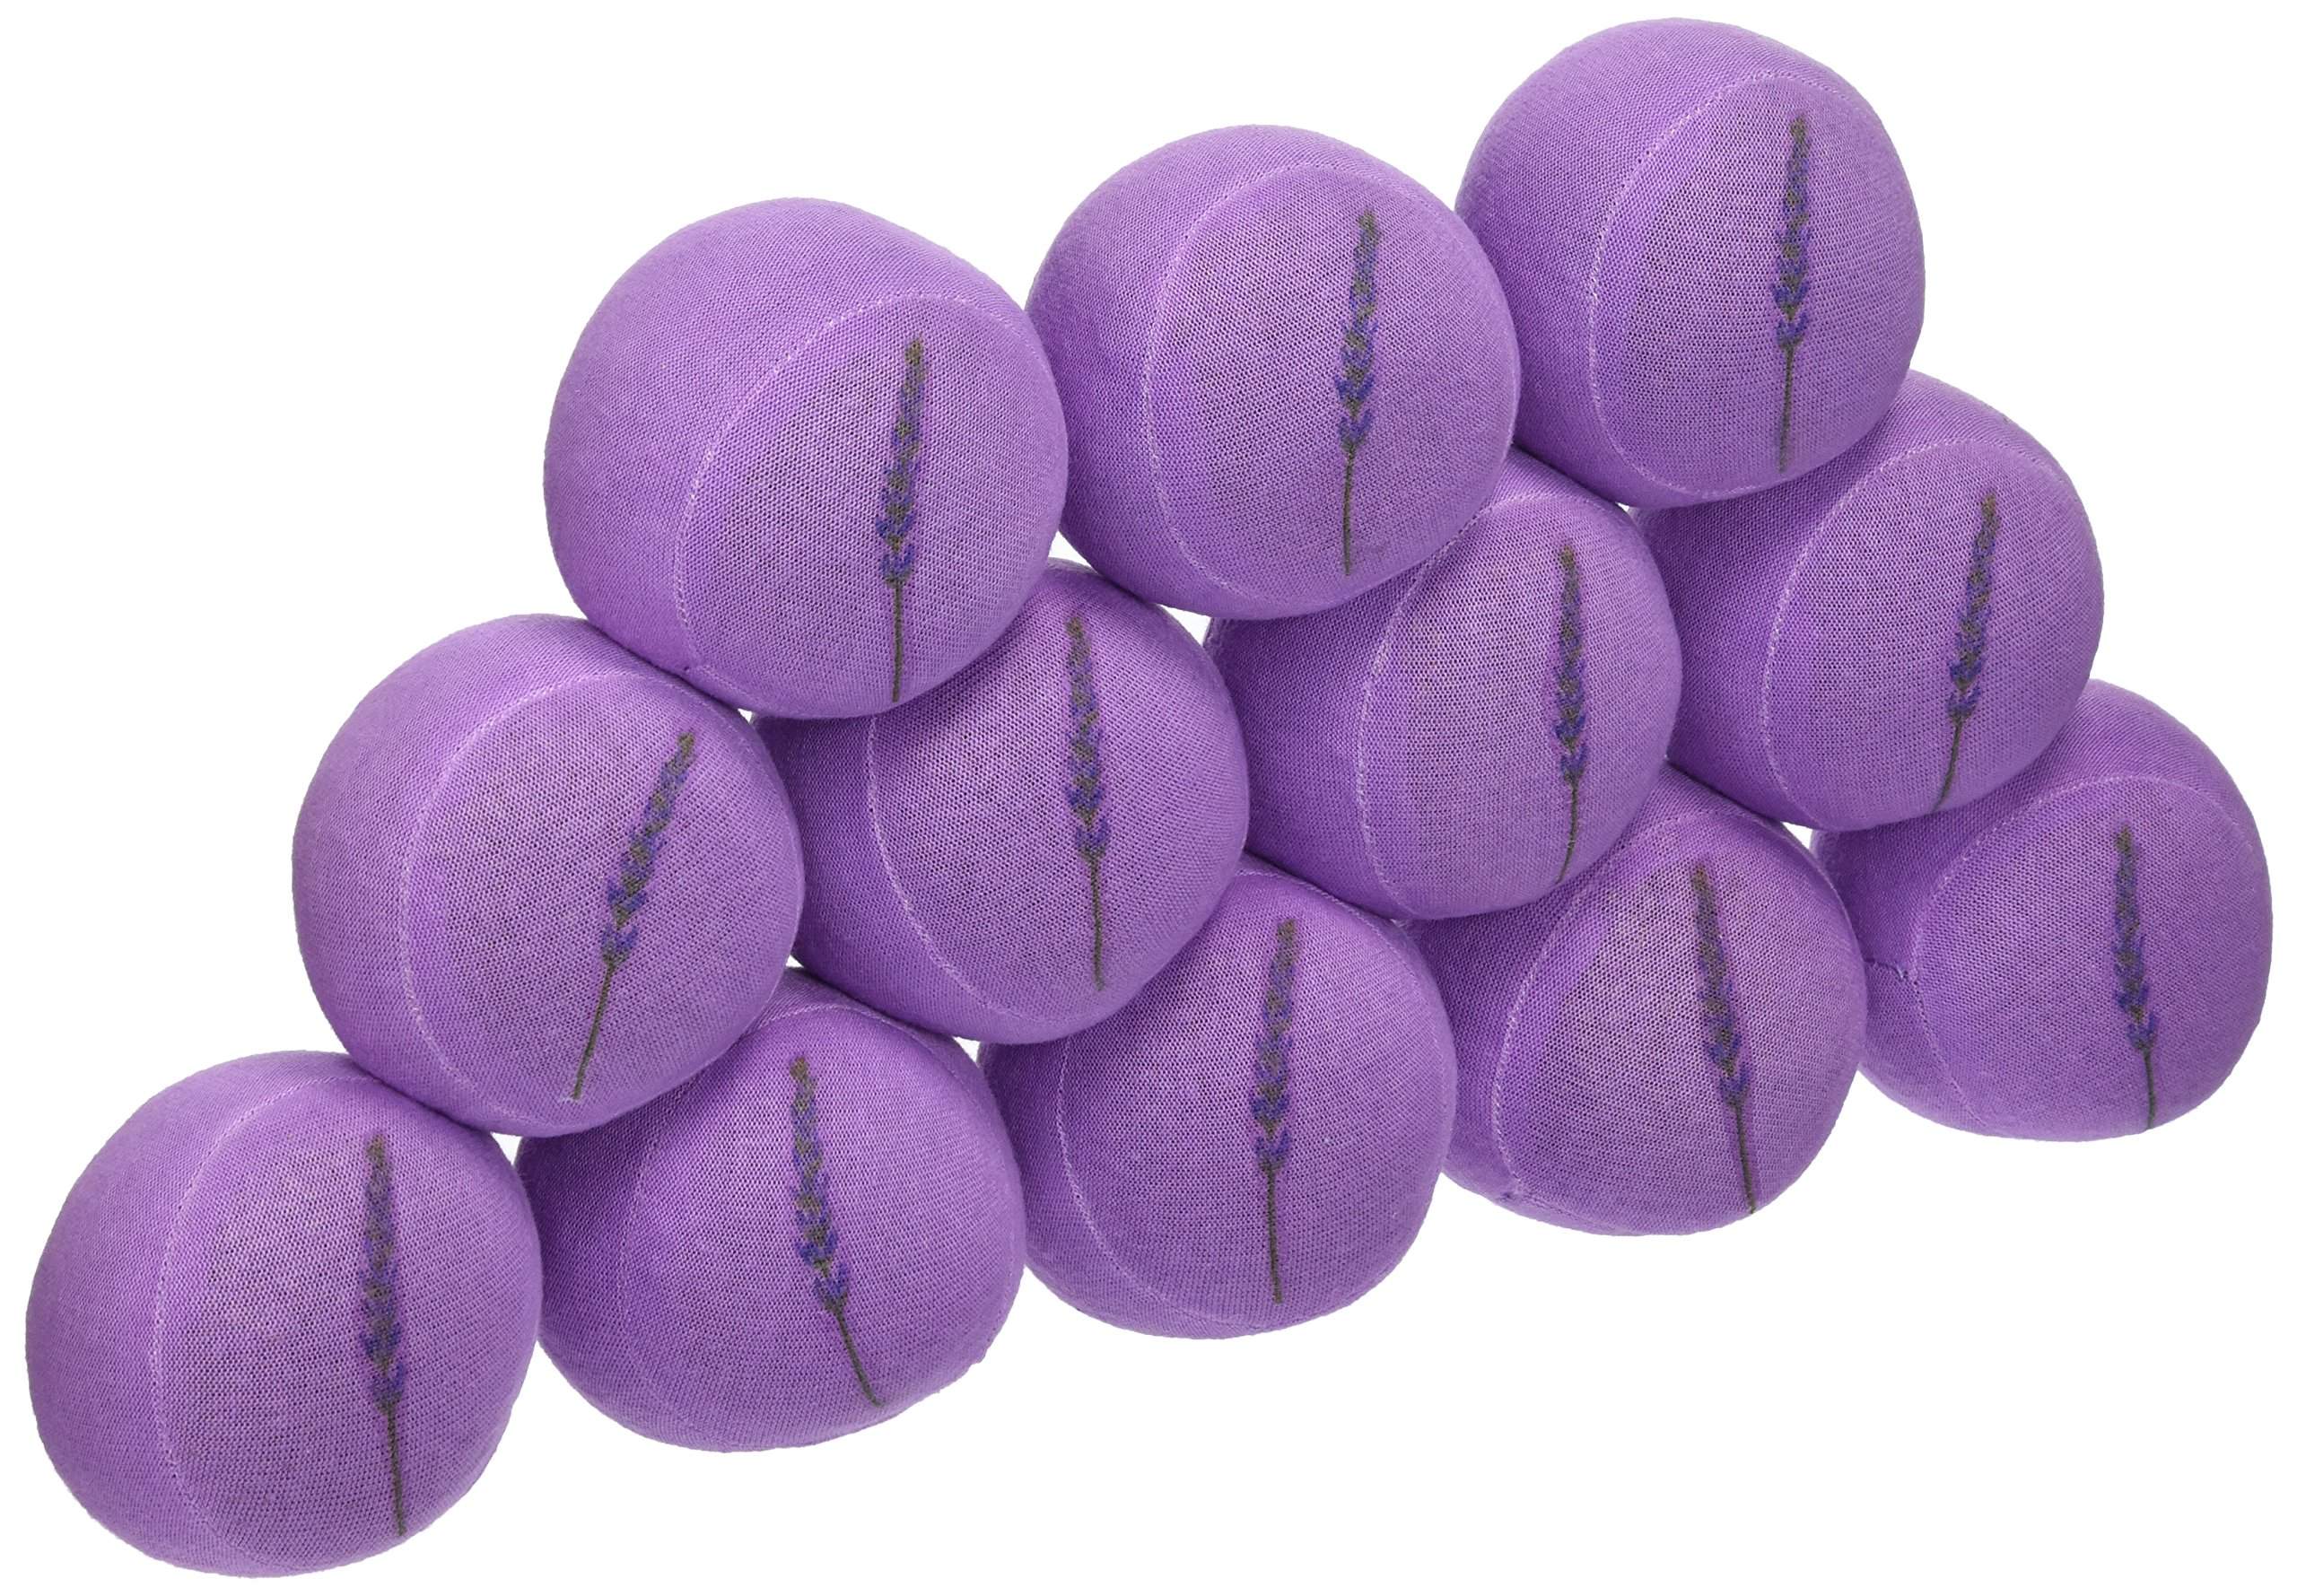 Lavender Luvies Lavender Stress Balls, Lavender Sprig - 12 Pack